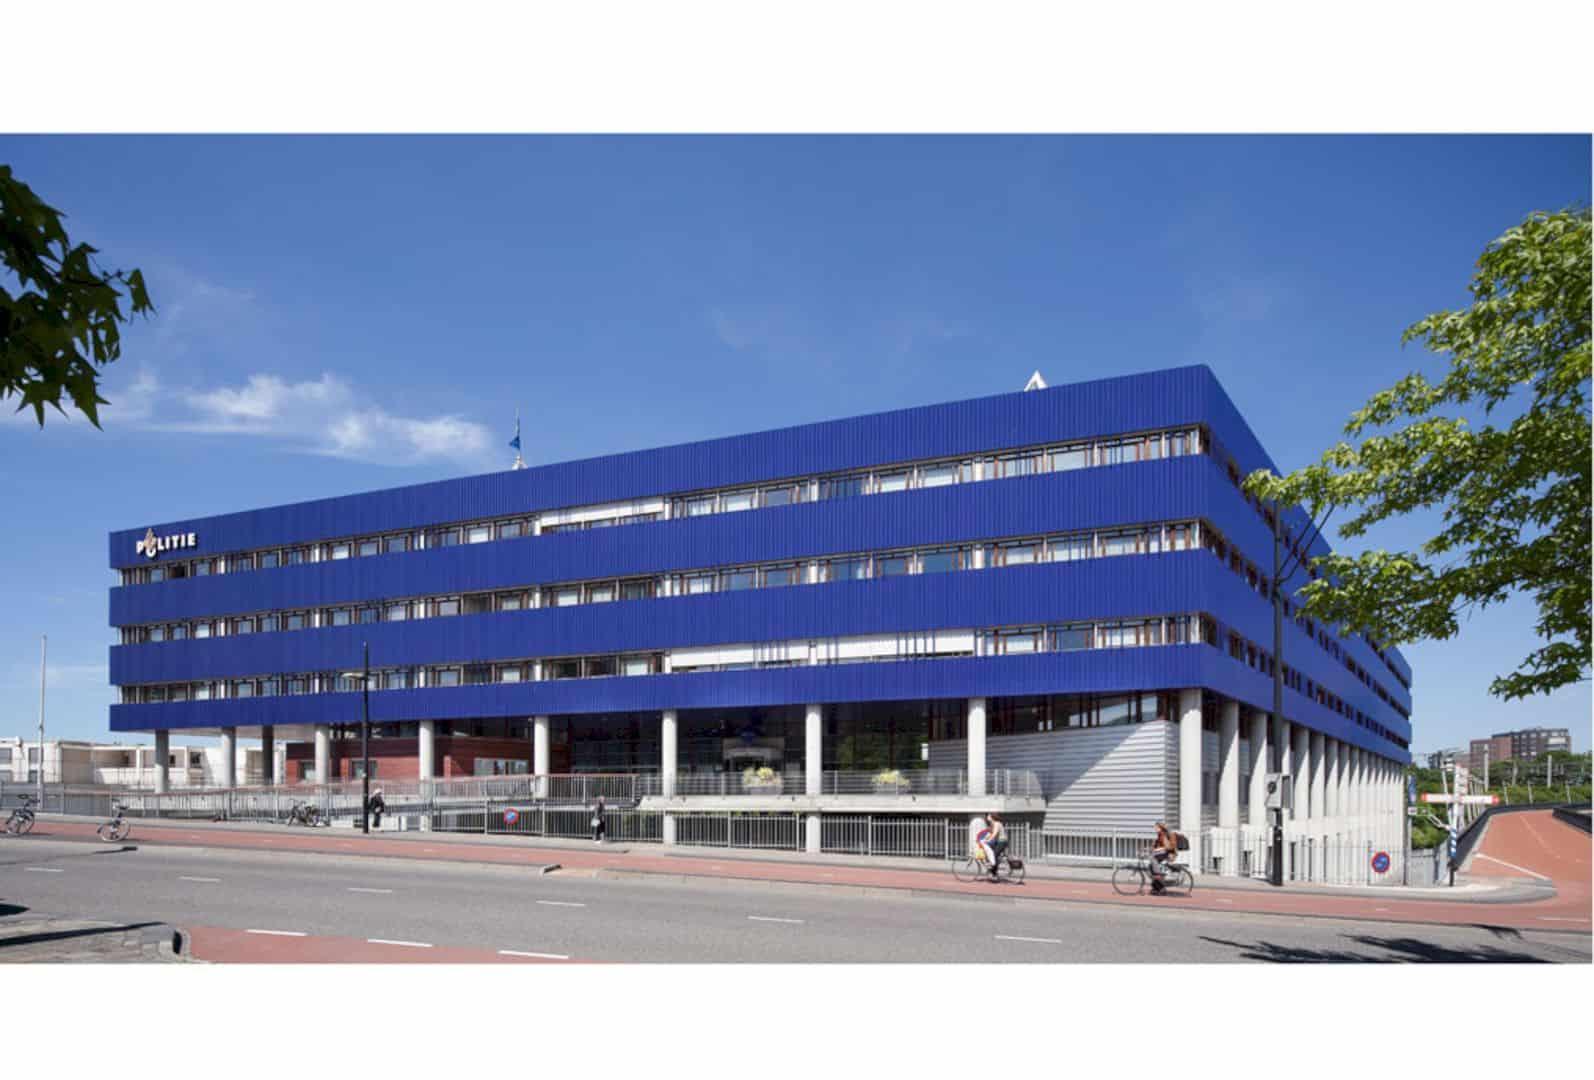 Regional Police Station Nijmegen By Jeanne Dekkers Architectuur 8